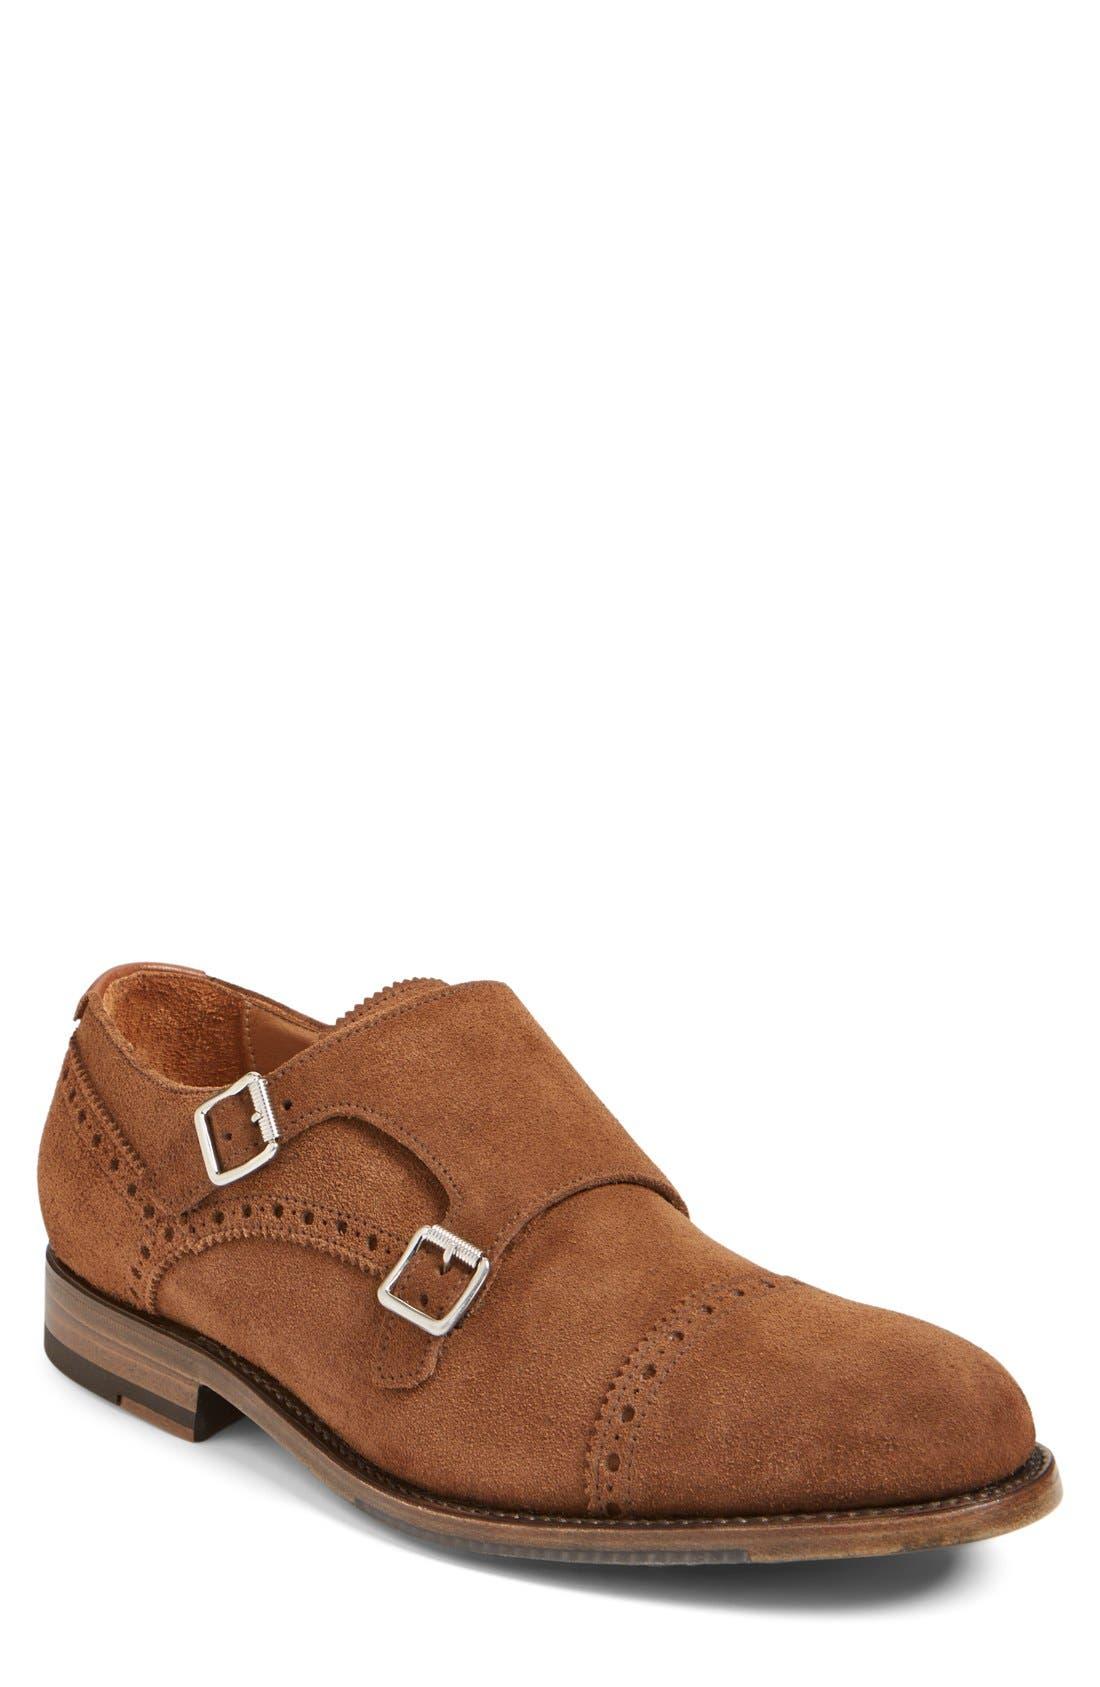 'Fallon' Weatherproof Monk Strap Shoe,                             Main thumbnail 4, color,